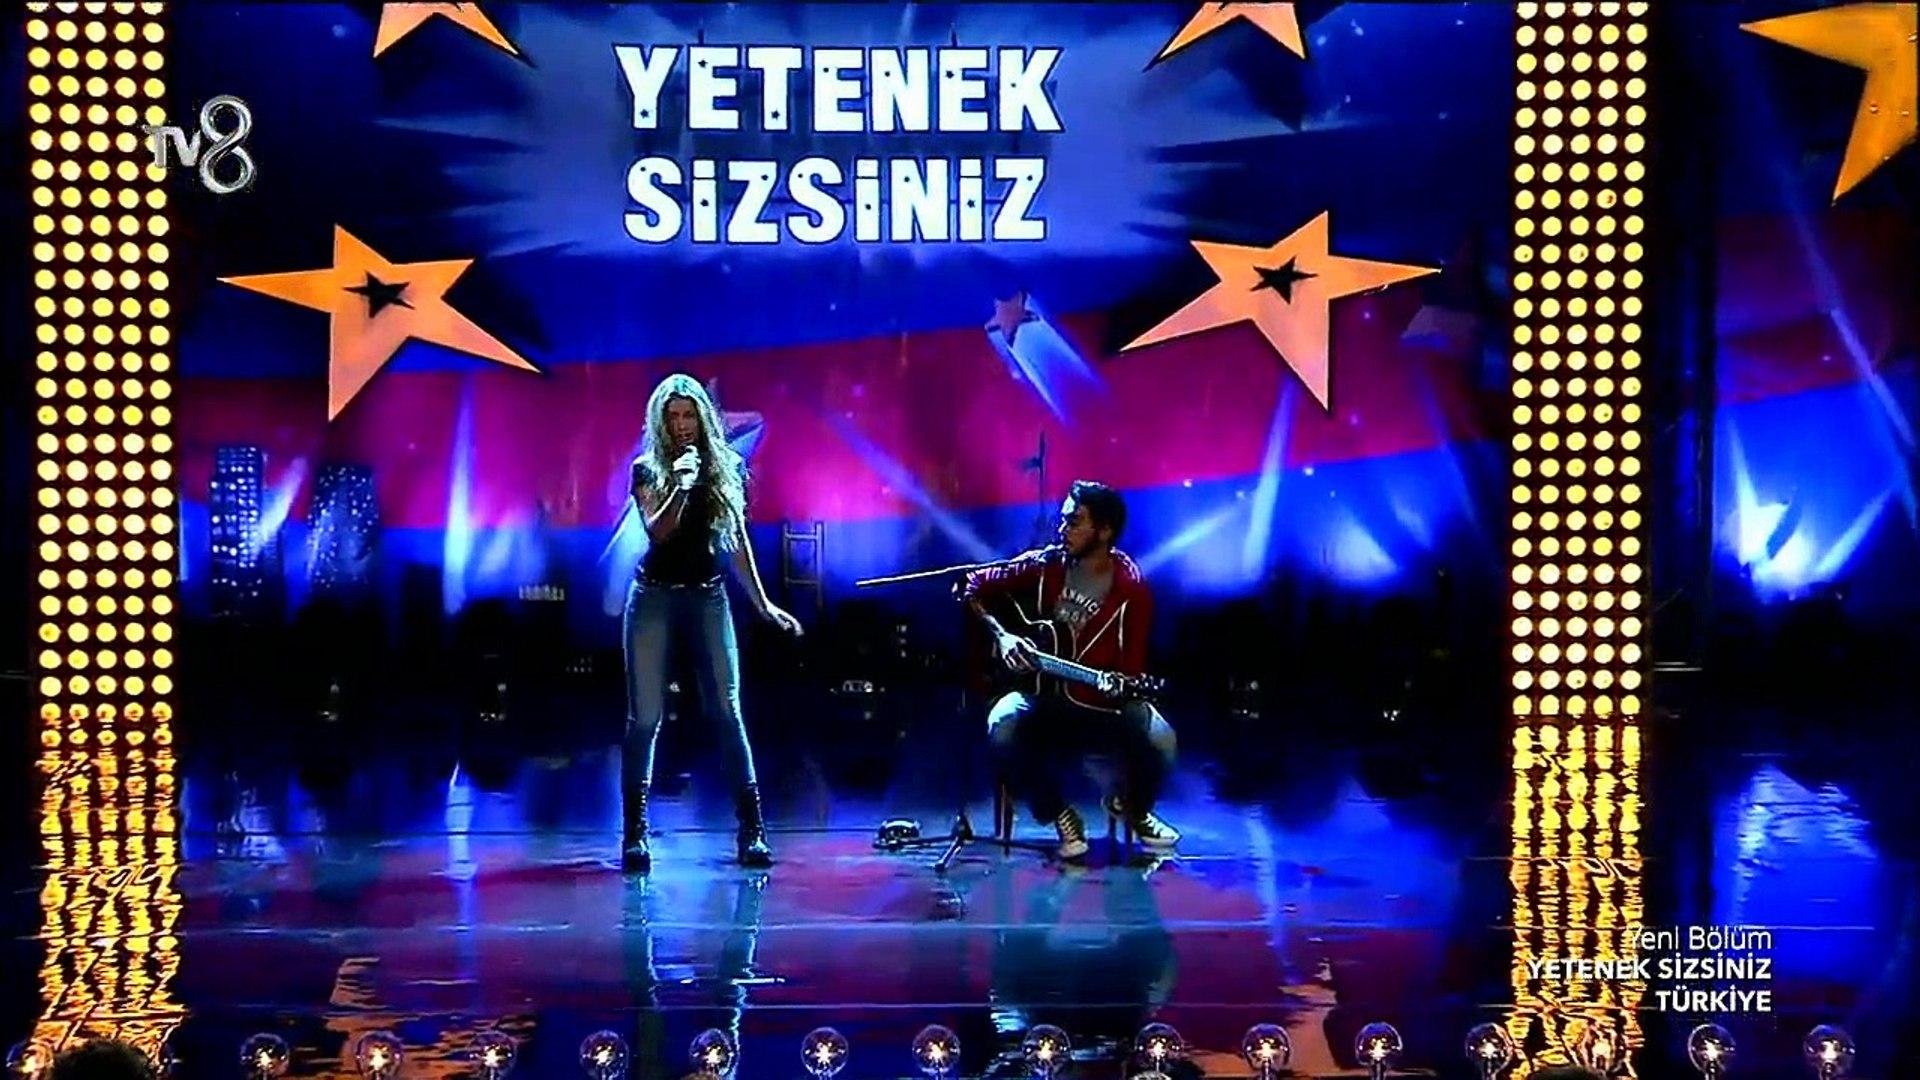 Aleyna Tilki Yeteneksizsiniz Türkiye